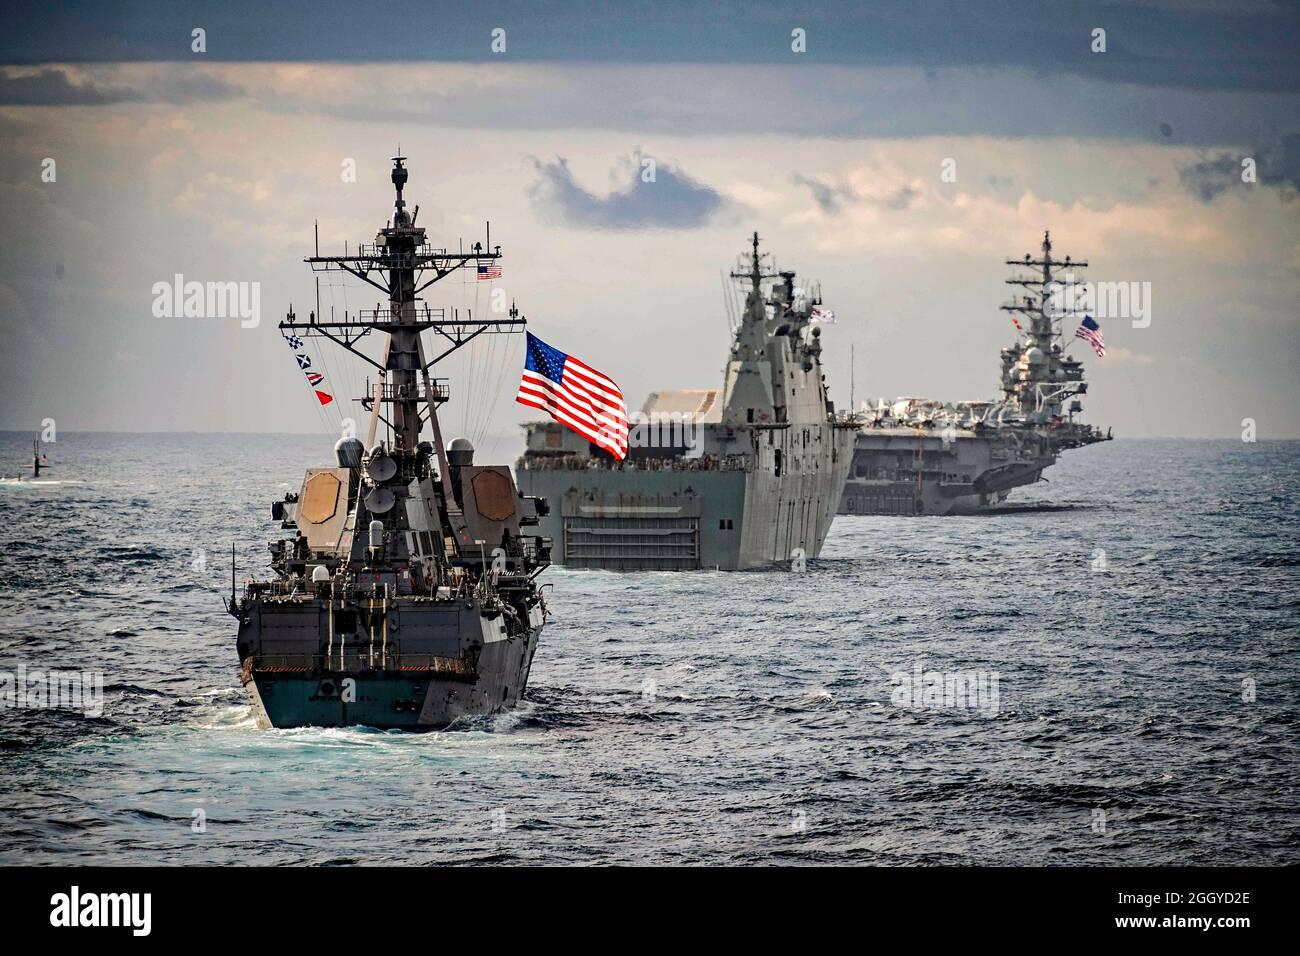 TASMAN SEA (11 de julio de 2019) El destructor de misiles guiados clase Arleigh Burke USS McCampbell (DDG 85), el muelle de helicópteros de aterrizaje clase Canberra de la Royal Australian Navy HMAS Canberra (L02), centro, el submarino de ataque clase Los Ángeles USS Key West (SSN 722), extremo izquierdo, Y el portaaviones de clase Nimitz USS Ronald Reagan (CVN 76) se está formando durante Talisman Sabre 2019. Ashland, que forma parte del grupo Wasp Anfibio Ready, con la Unidad Expedicionaria Marina 31st embarcada, participa actualmente en Talisman Sabre 2019 frente a la costa del norte de Australia. Un evento bilateral bienal, Foto de stock